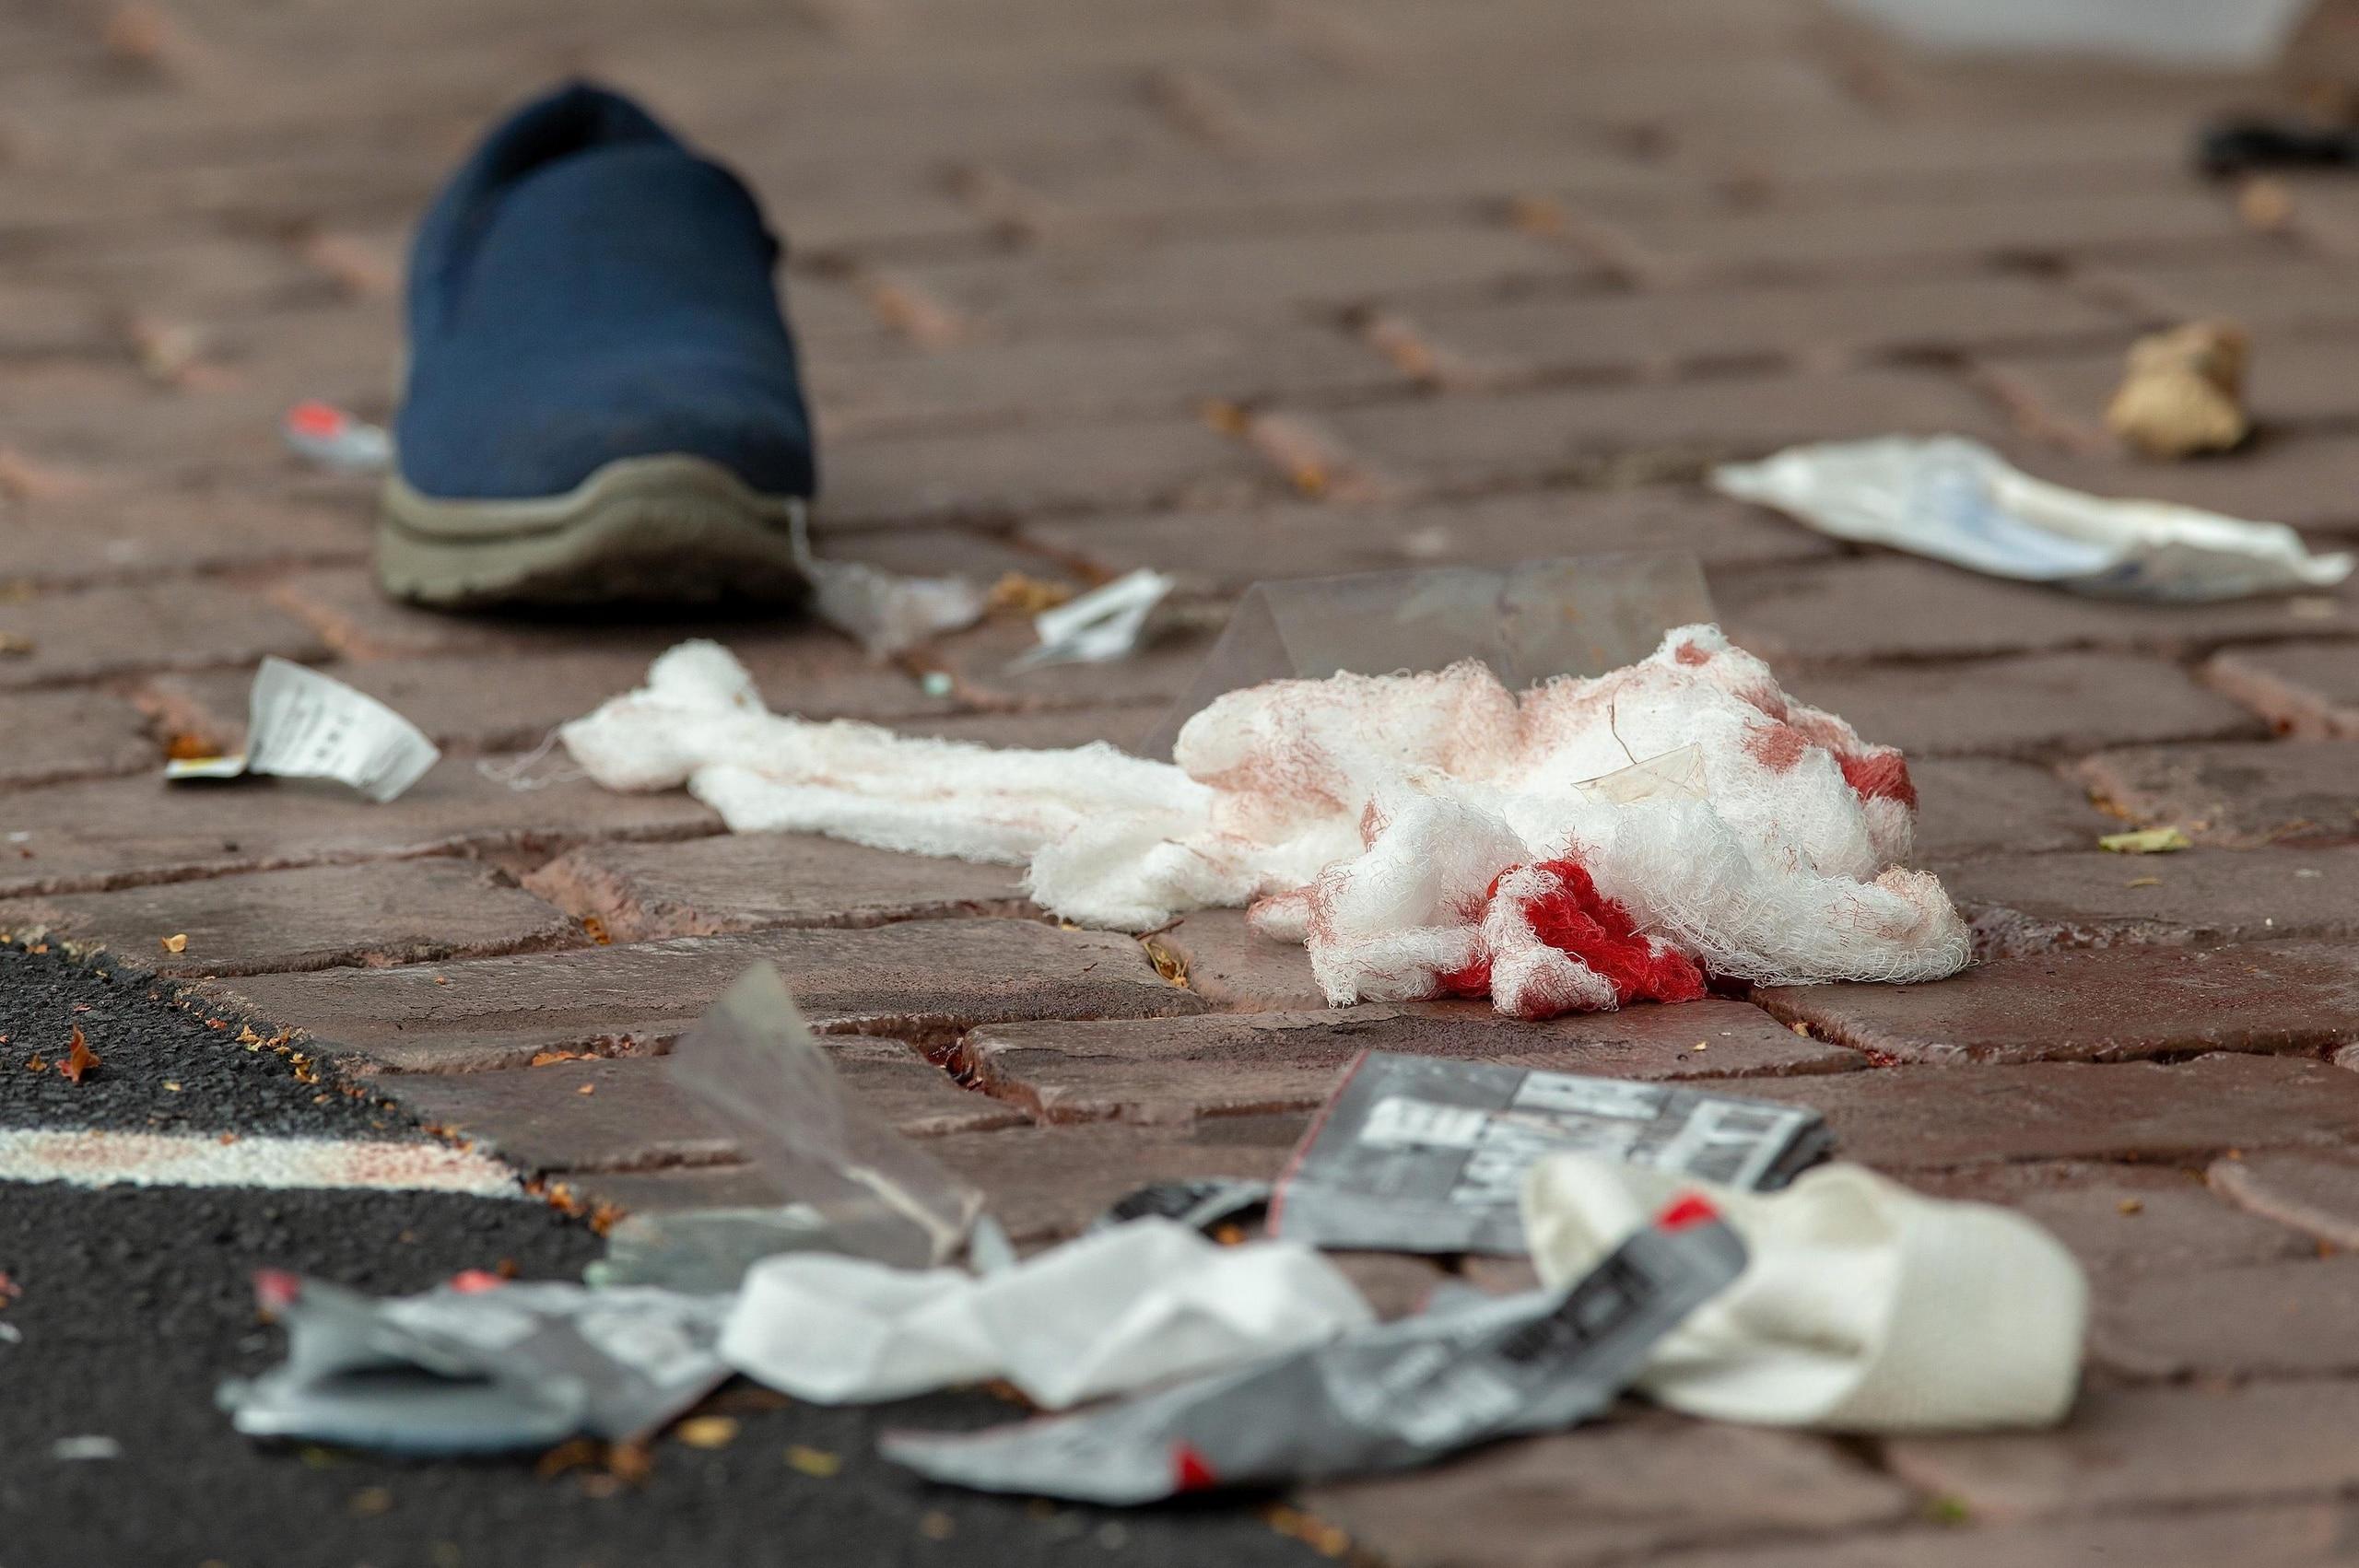 Nuova Zelanda: spari moschee, 4 arresti